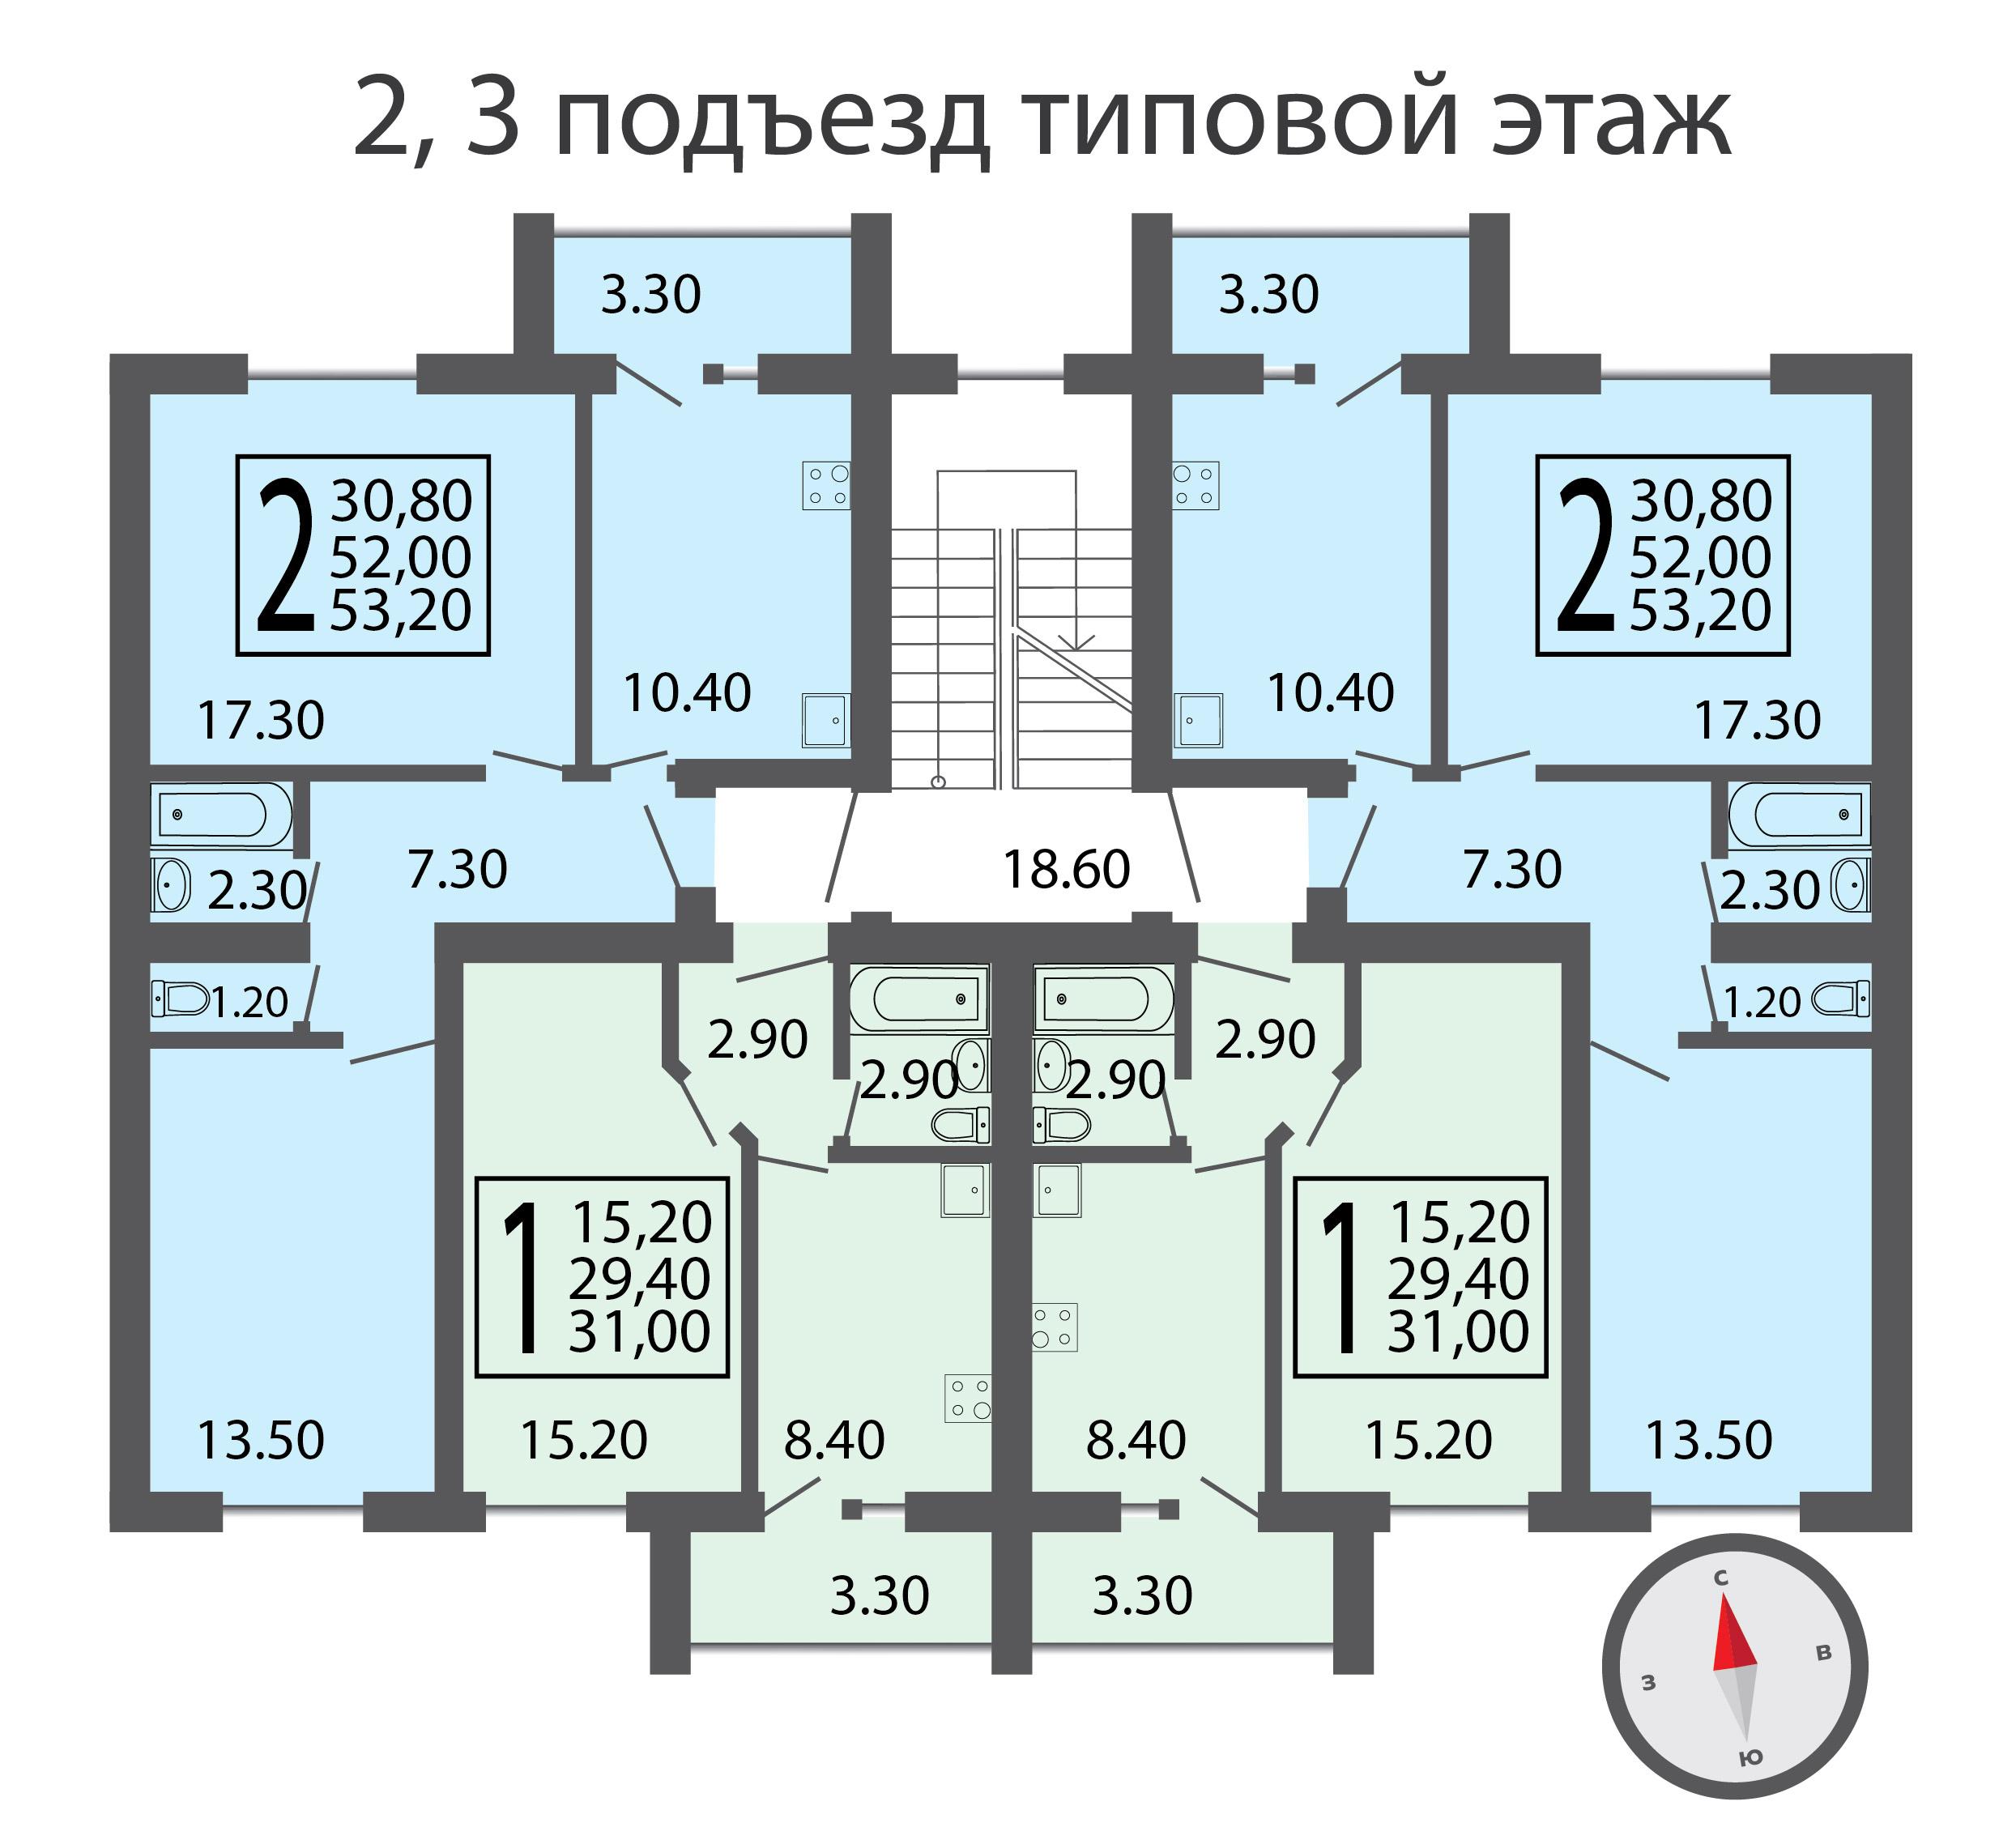 2,3 подъезд типовой этаж-01